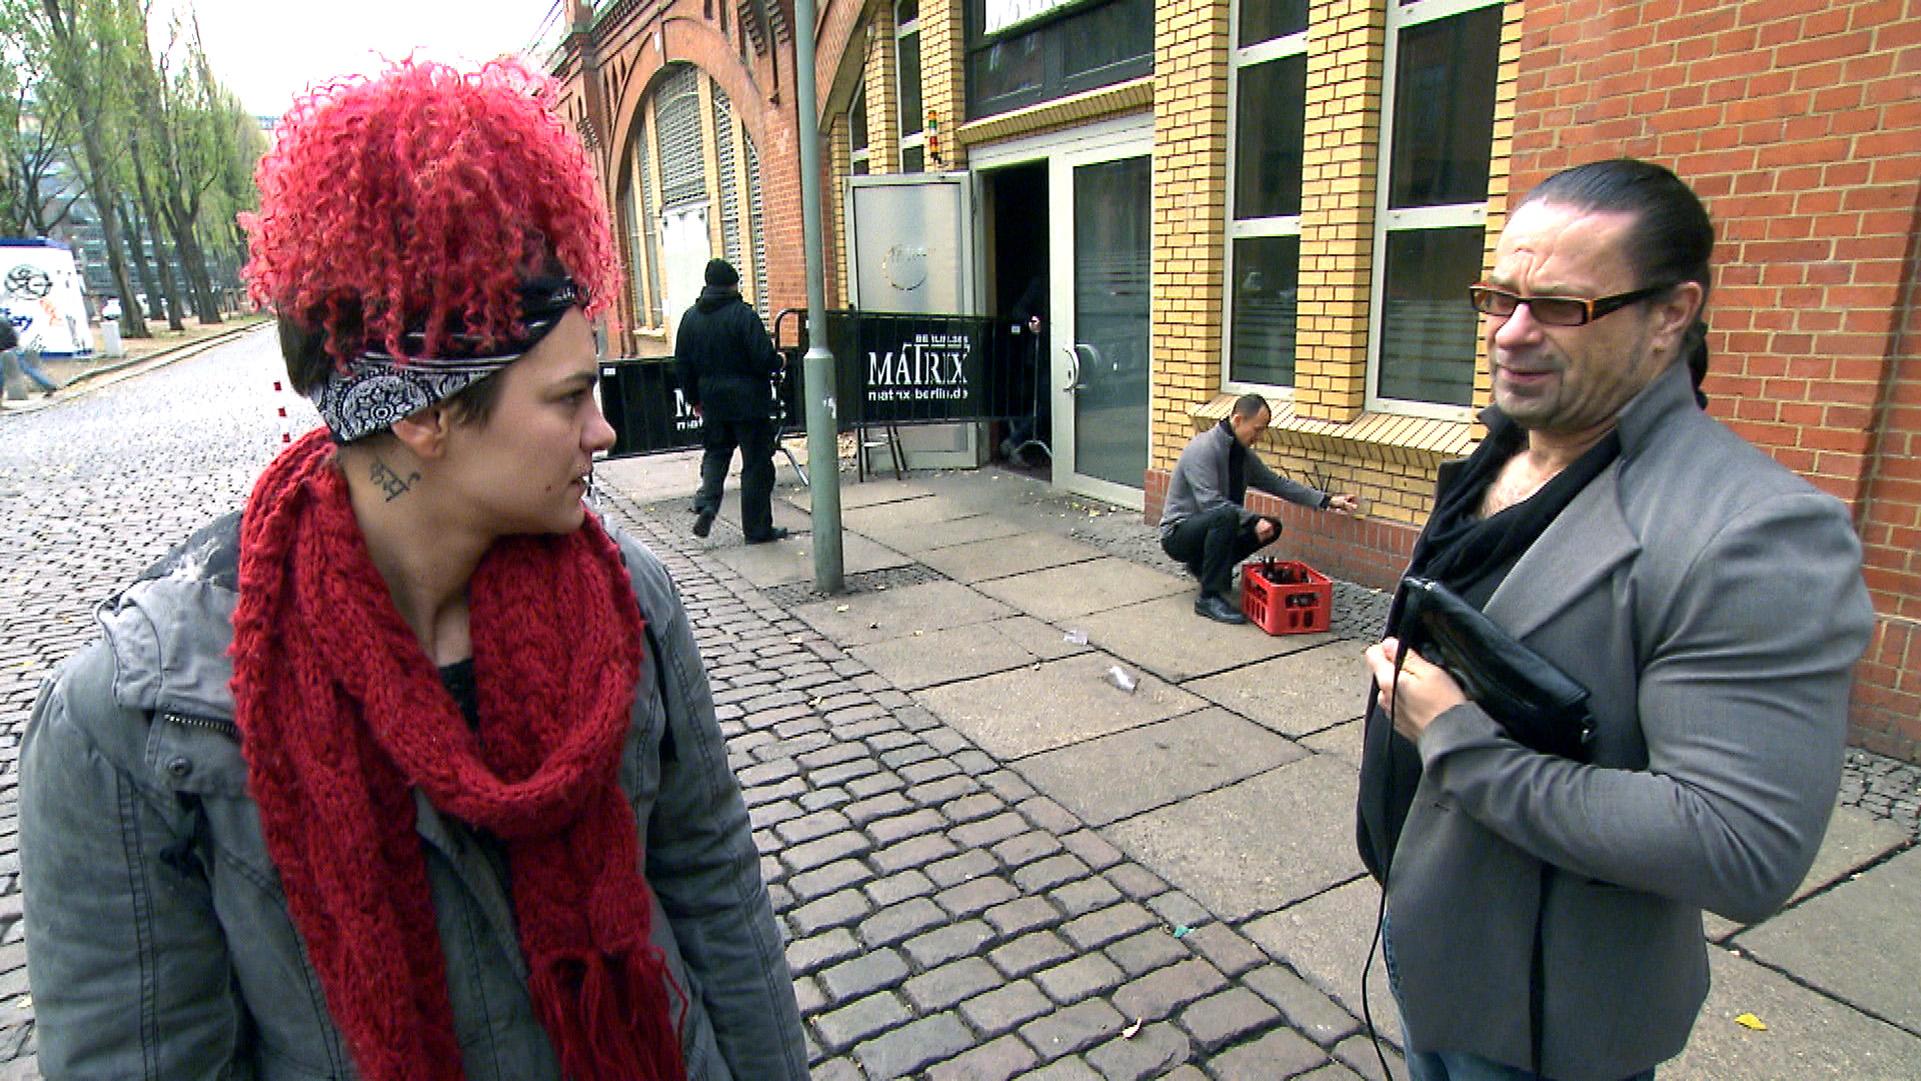 Jessica findet eine Tasche, in der sich unter anderem auch Koks befindet. Zu ihrer Verärgerung nimmt Piet ihr die Tasche ab. (Quelle: RTL 2)